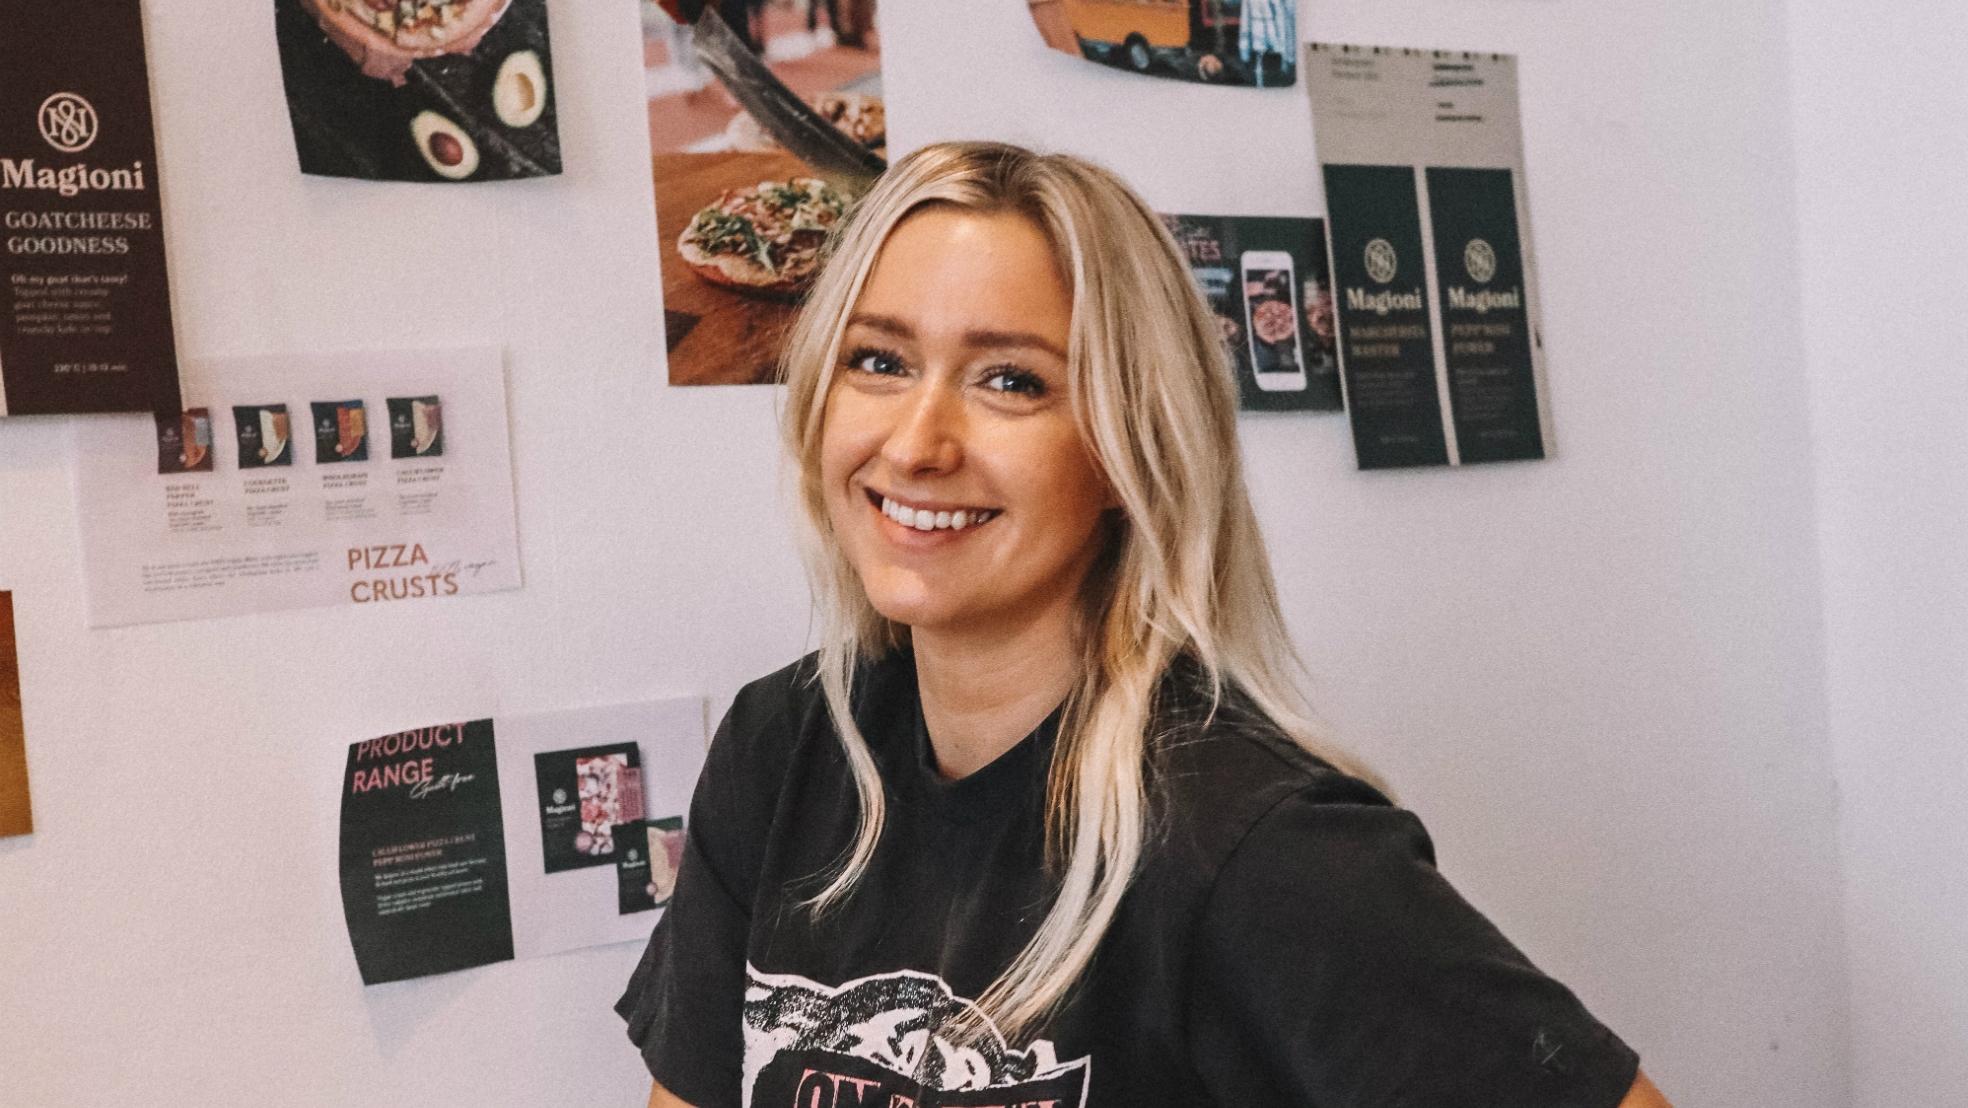 Pizza Manon Essen vega Nijkerk nationale week zonder vleesc